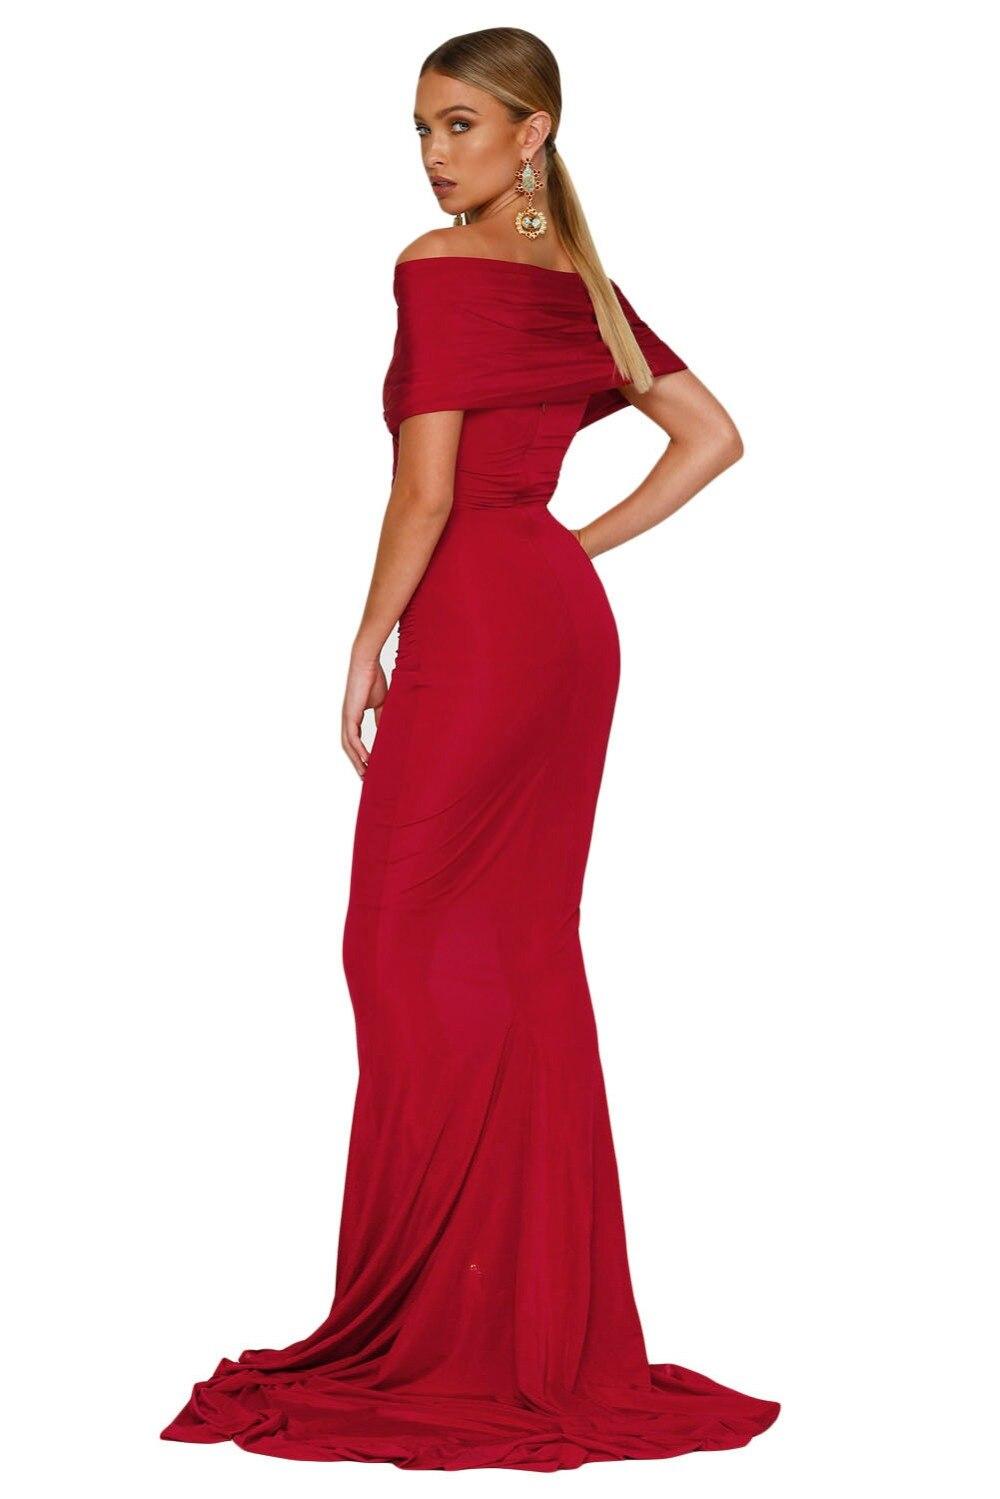 Tolle Maxi Kleid Für Abend Partei Bilder - Brautkleider Ideen ...